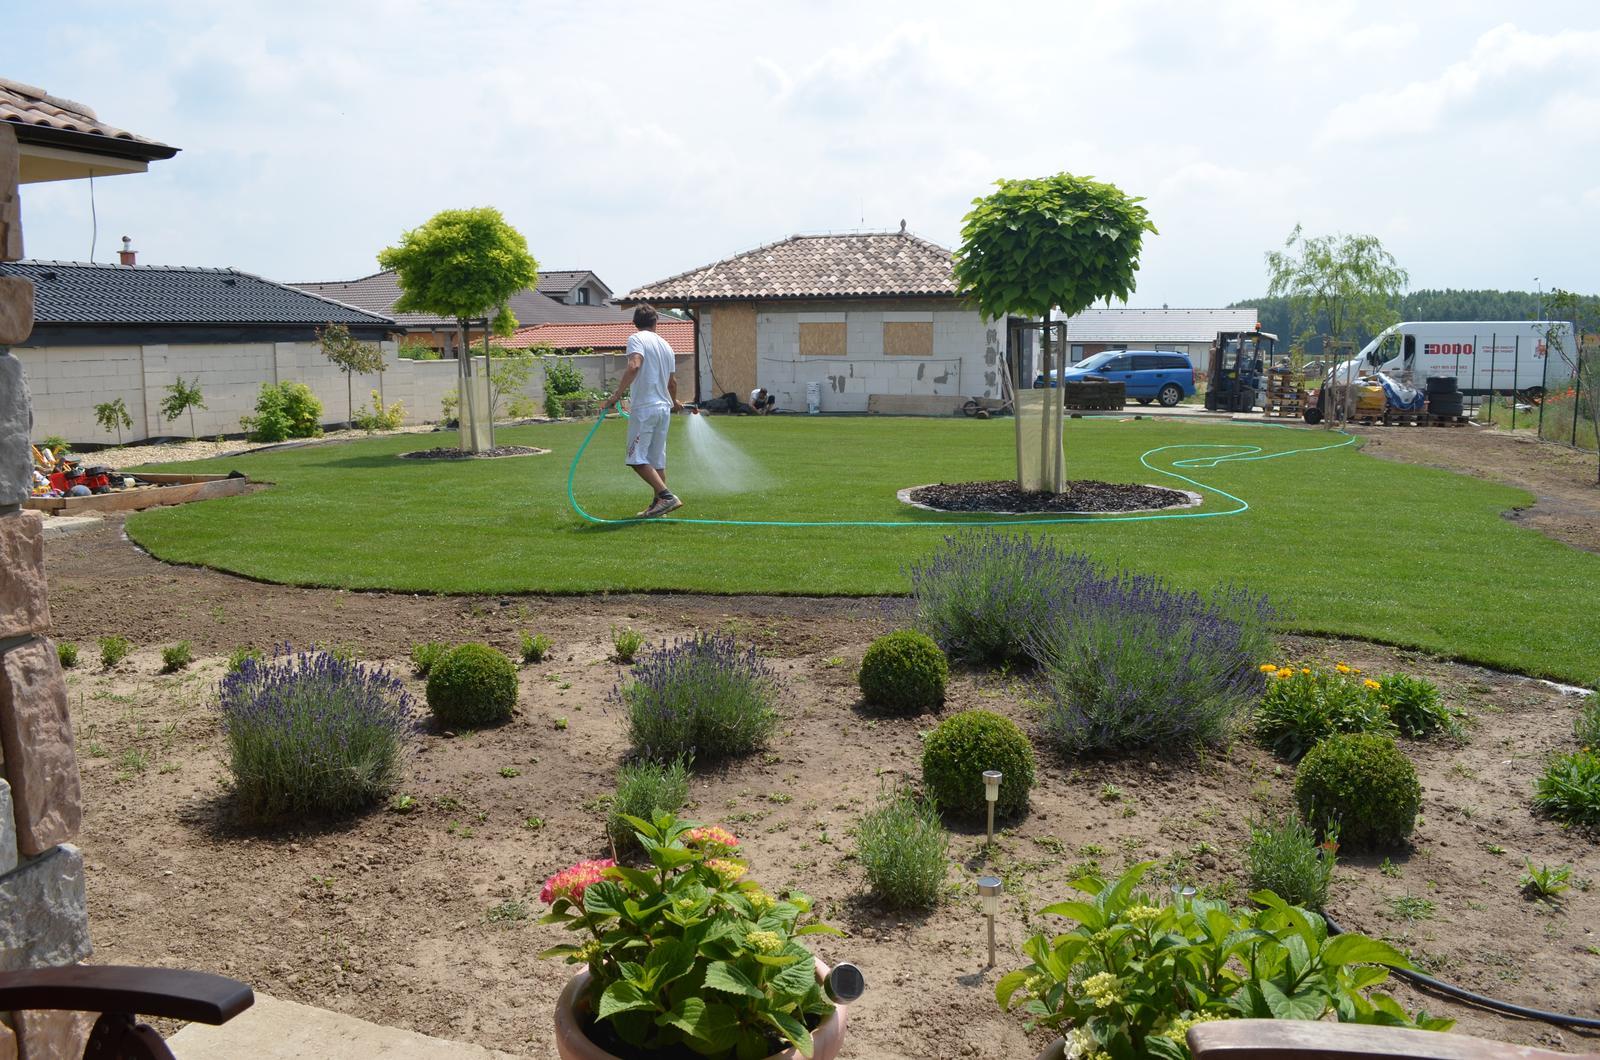 Dom s nádychom provensál - tráva môže rásť a my začíname vysádzať dalšie kvetinky :-)